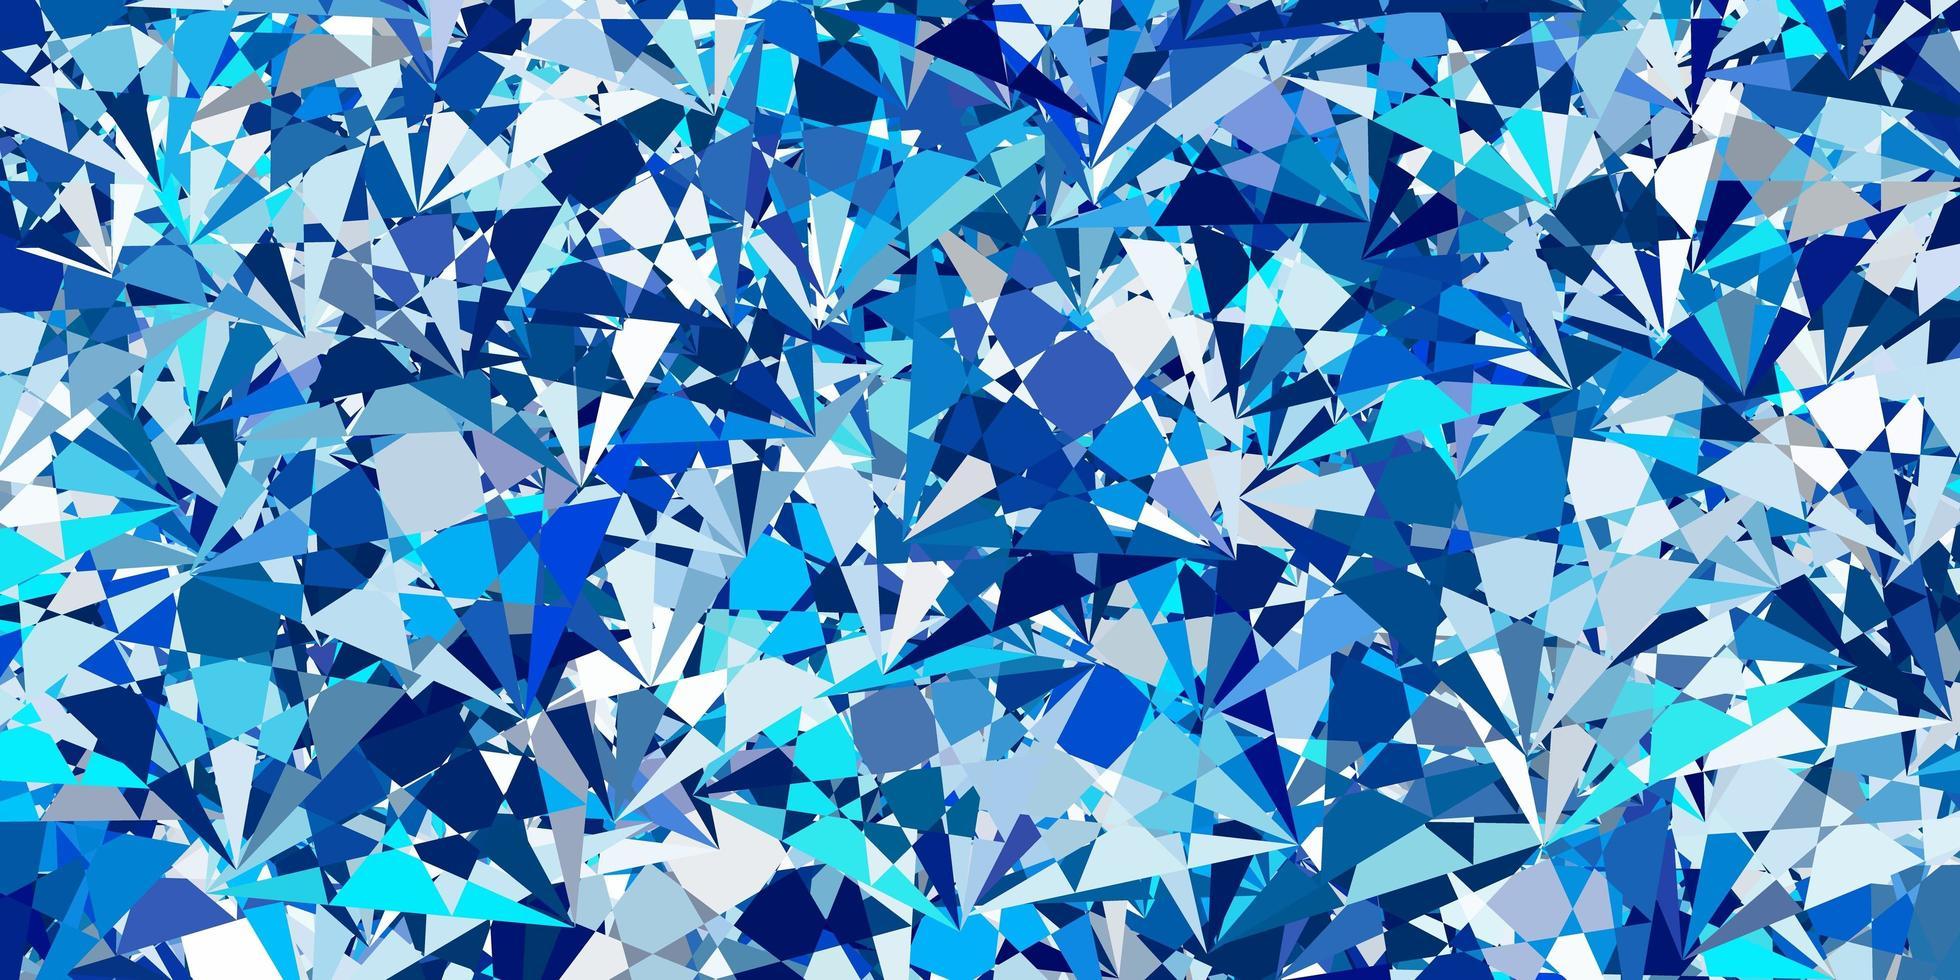 fundo vector azul claro com formas poligonais